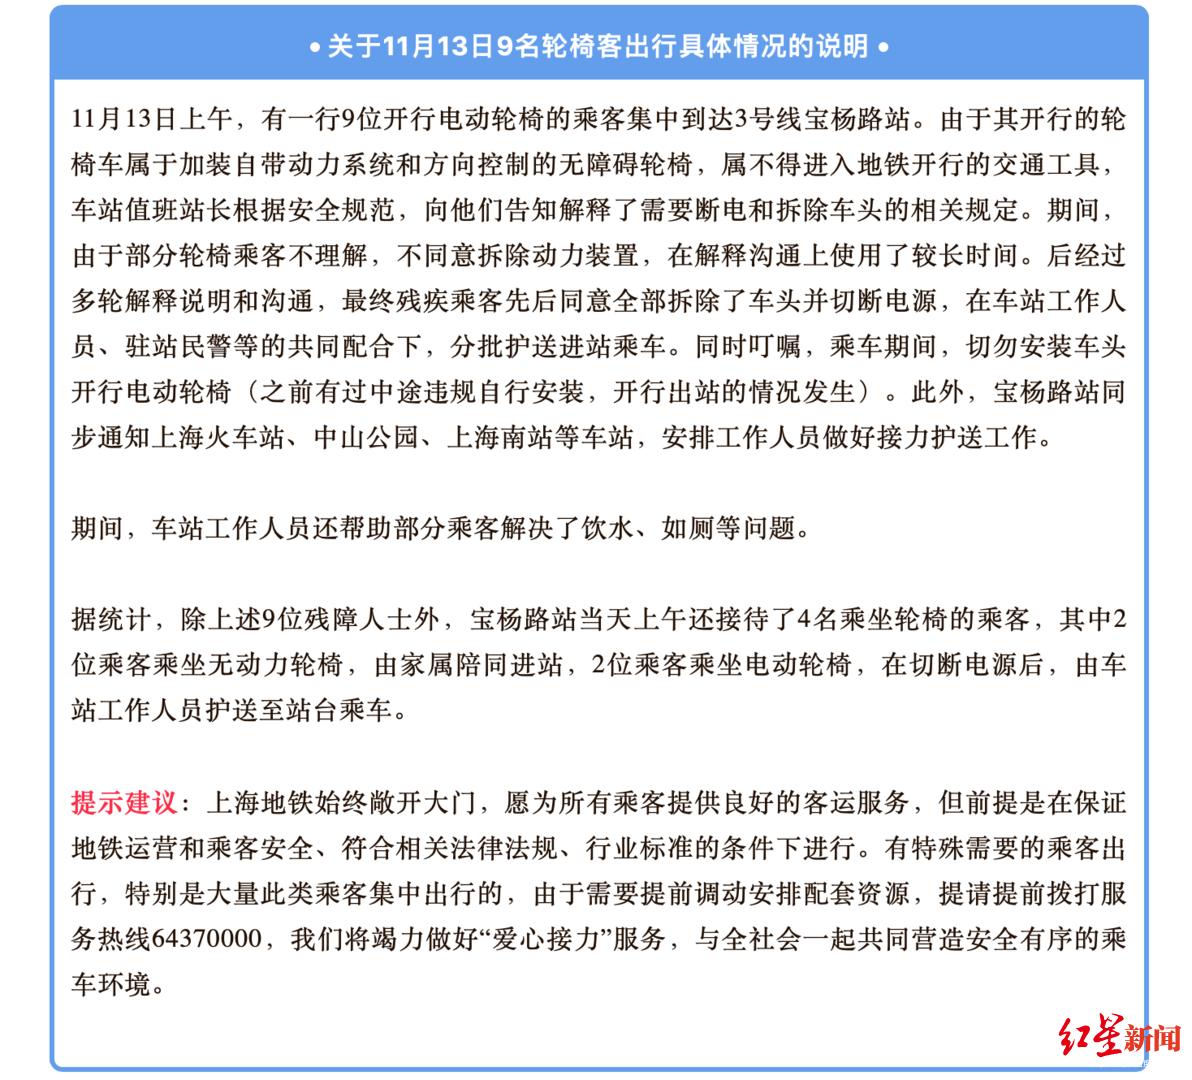 ↑上海申通地铁集团官方回应